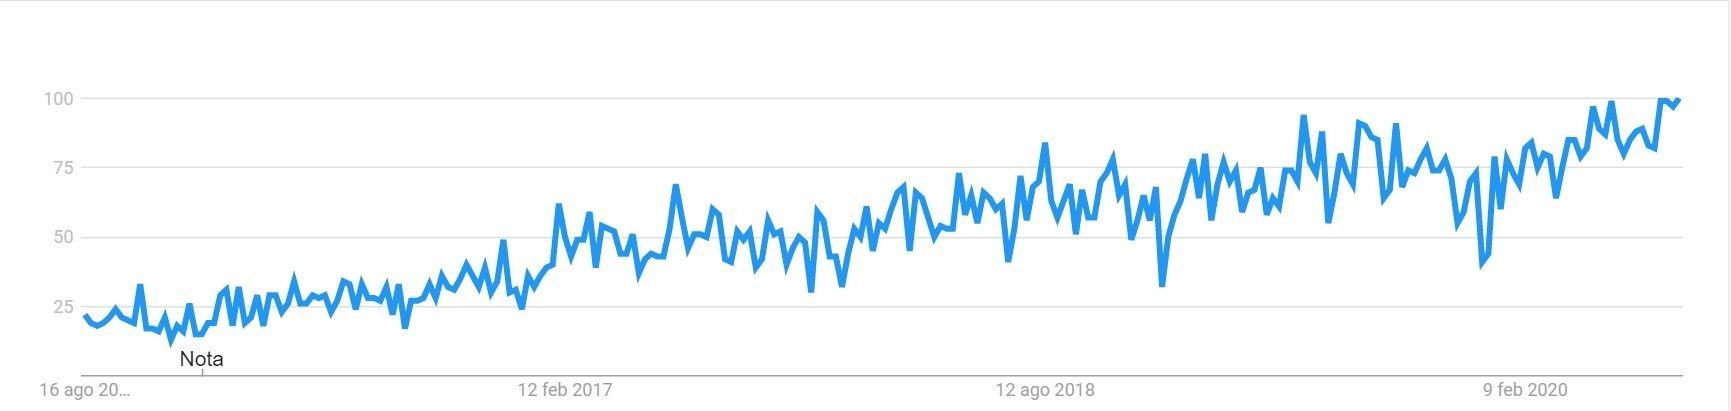 Webhook Trend